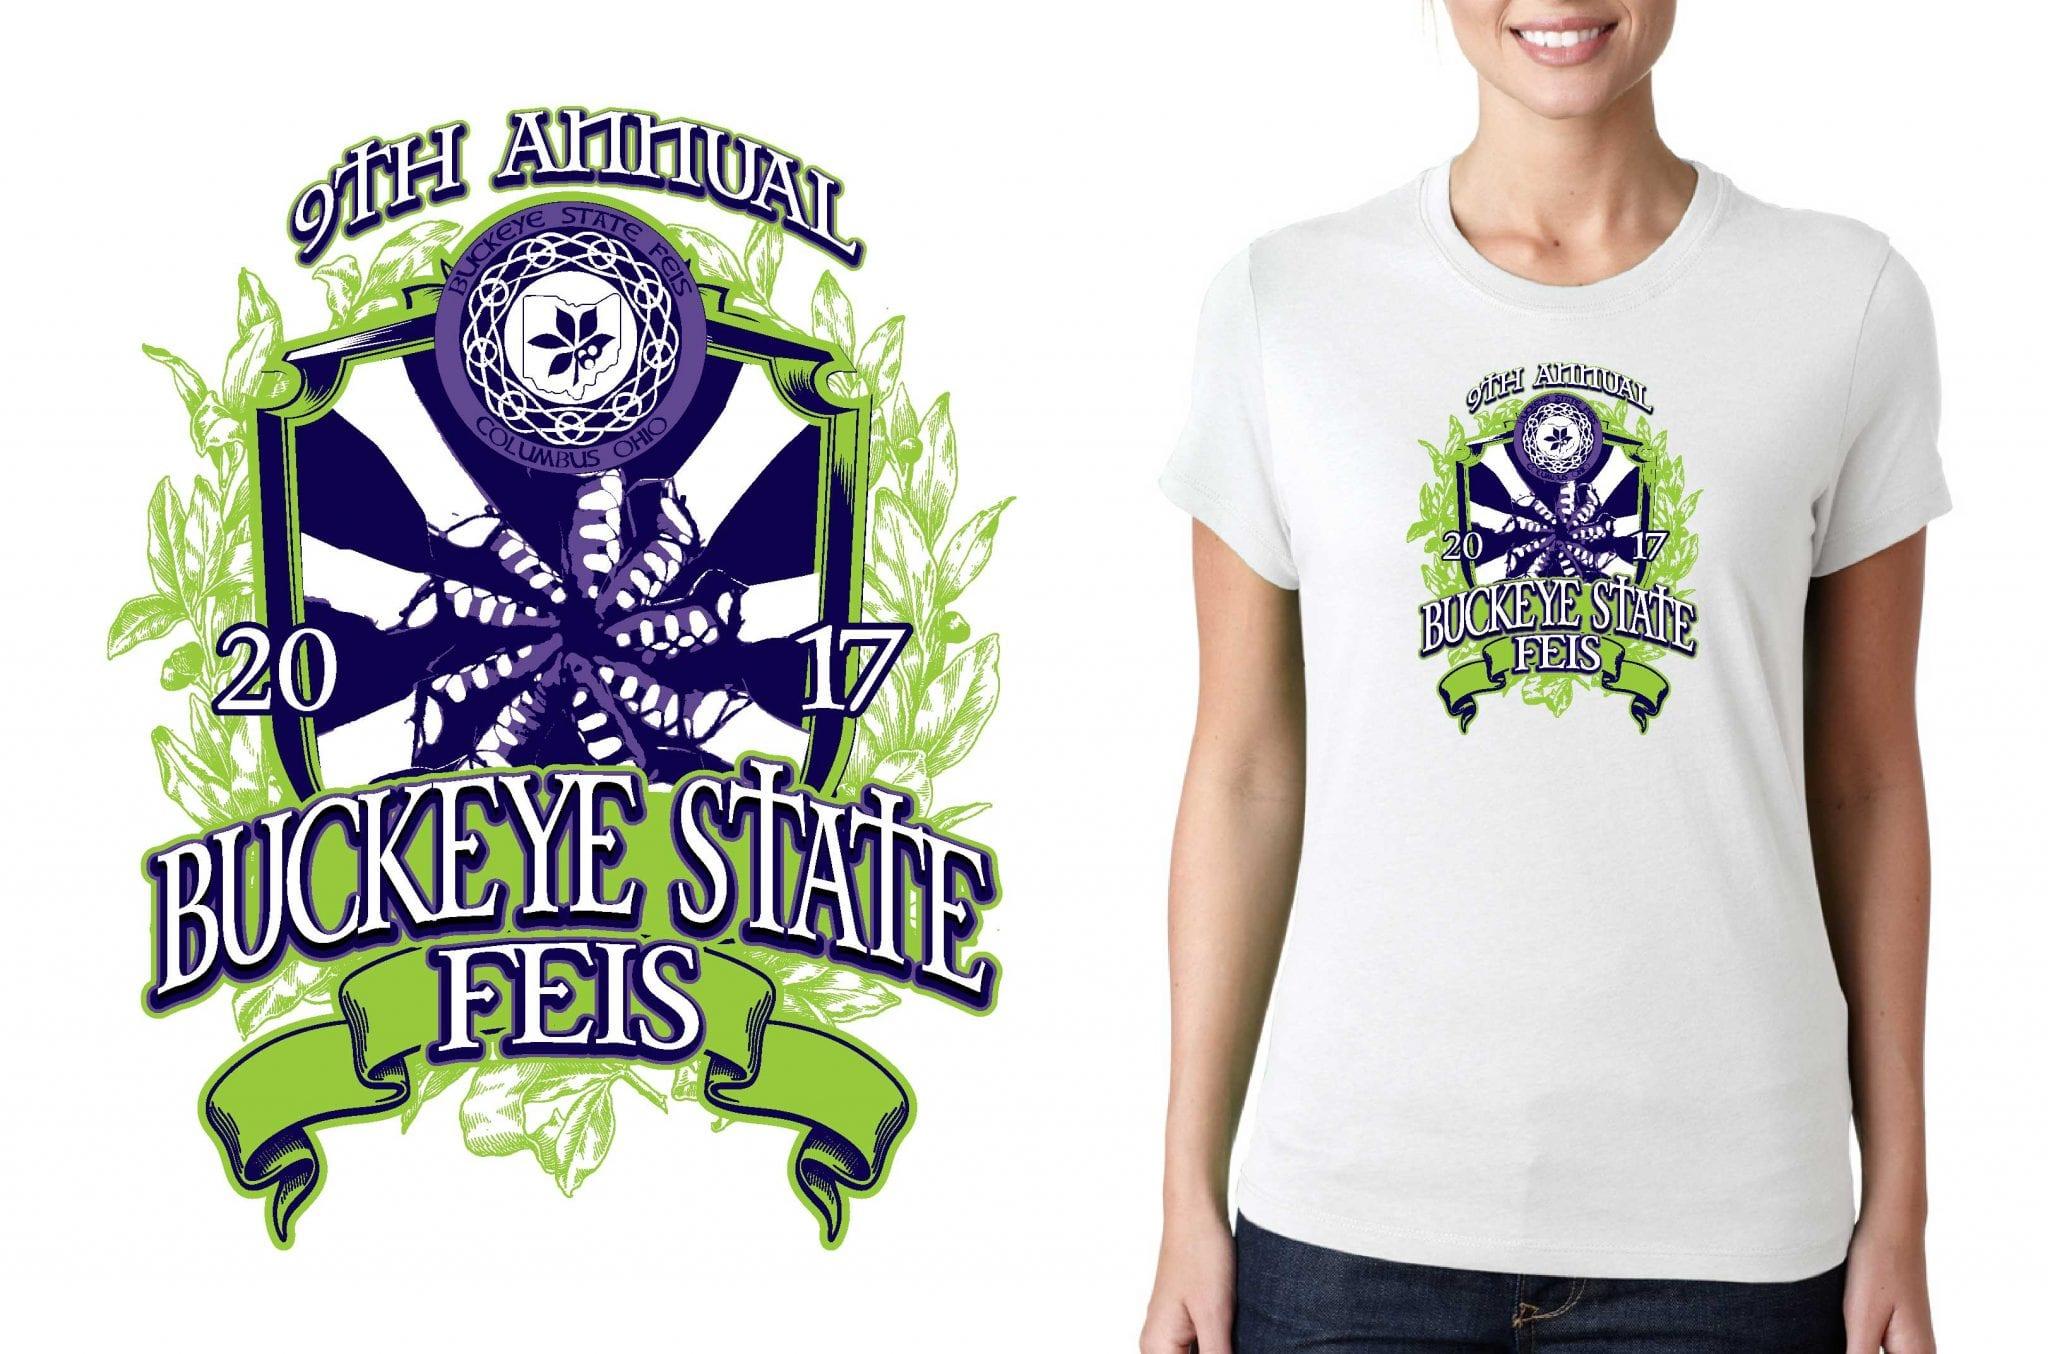 2017 9th Annual Buckeye State Feis vector logo design for feis t-shirt UrArtStudio